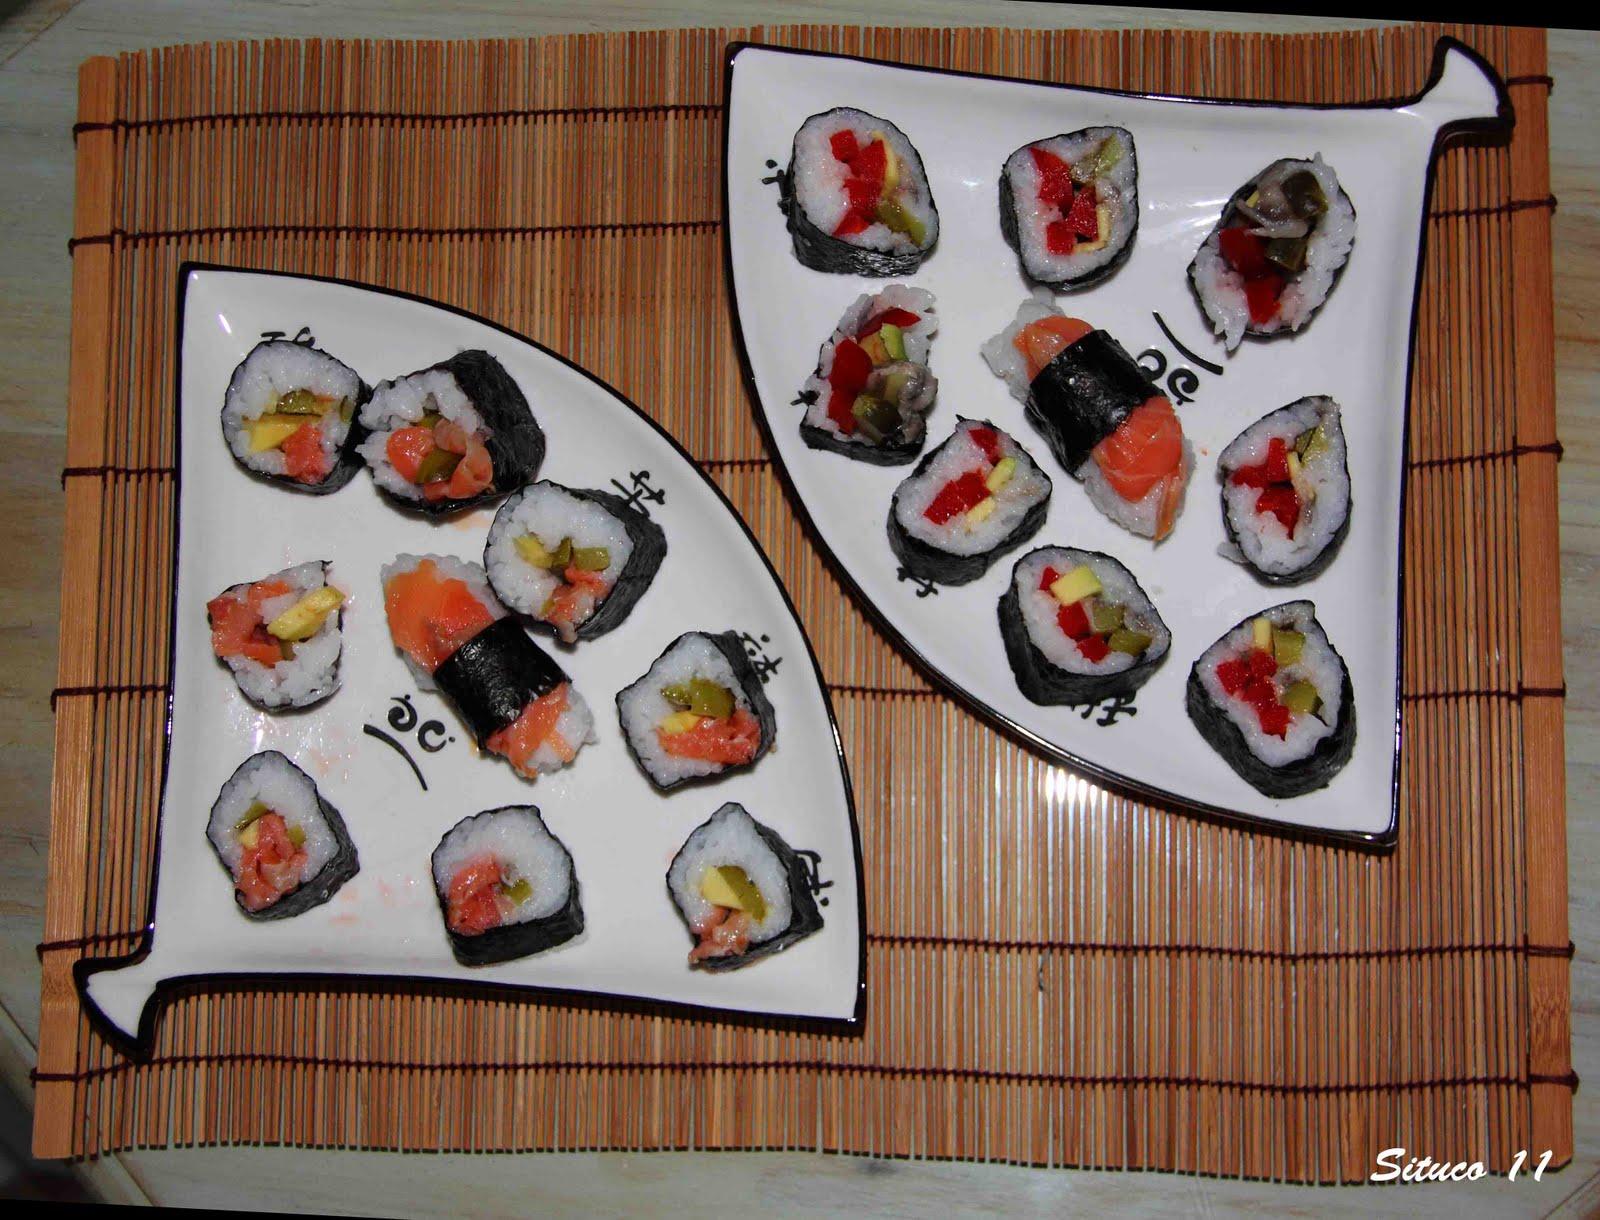 Cocinando en mi casa 2 maki sushi for Cocinando en mi casa